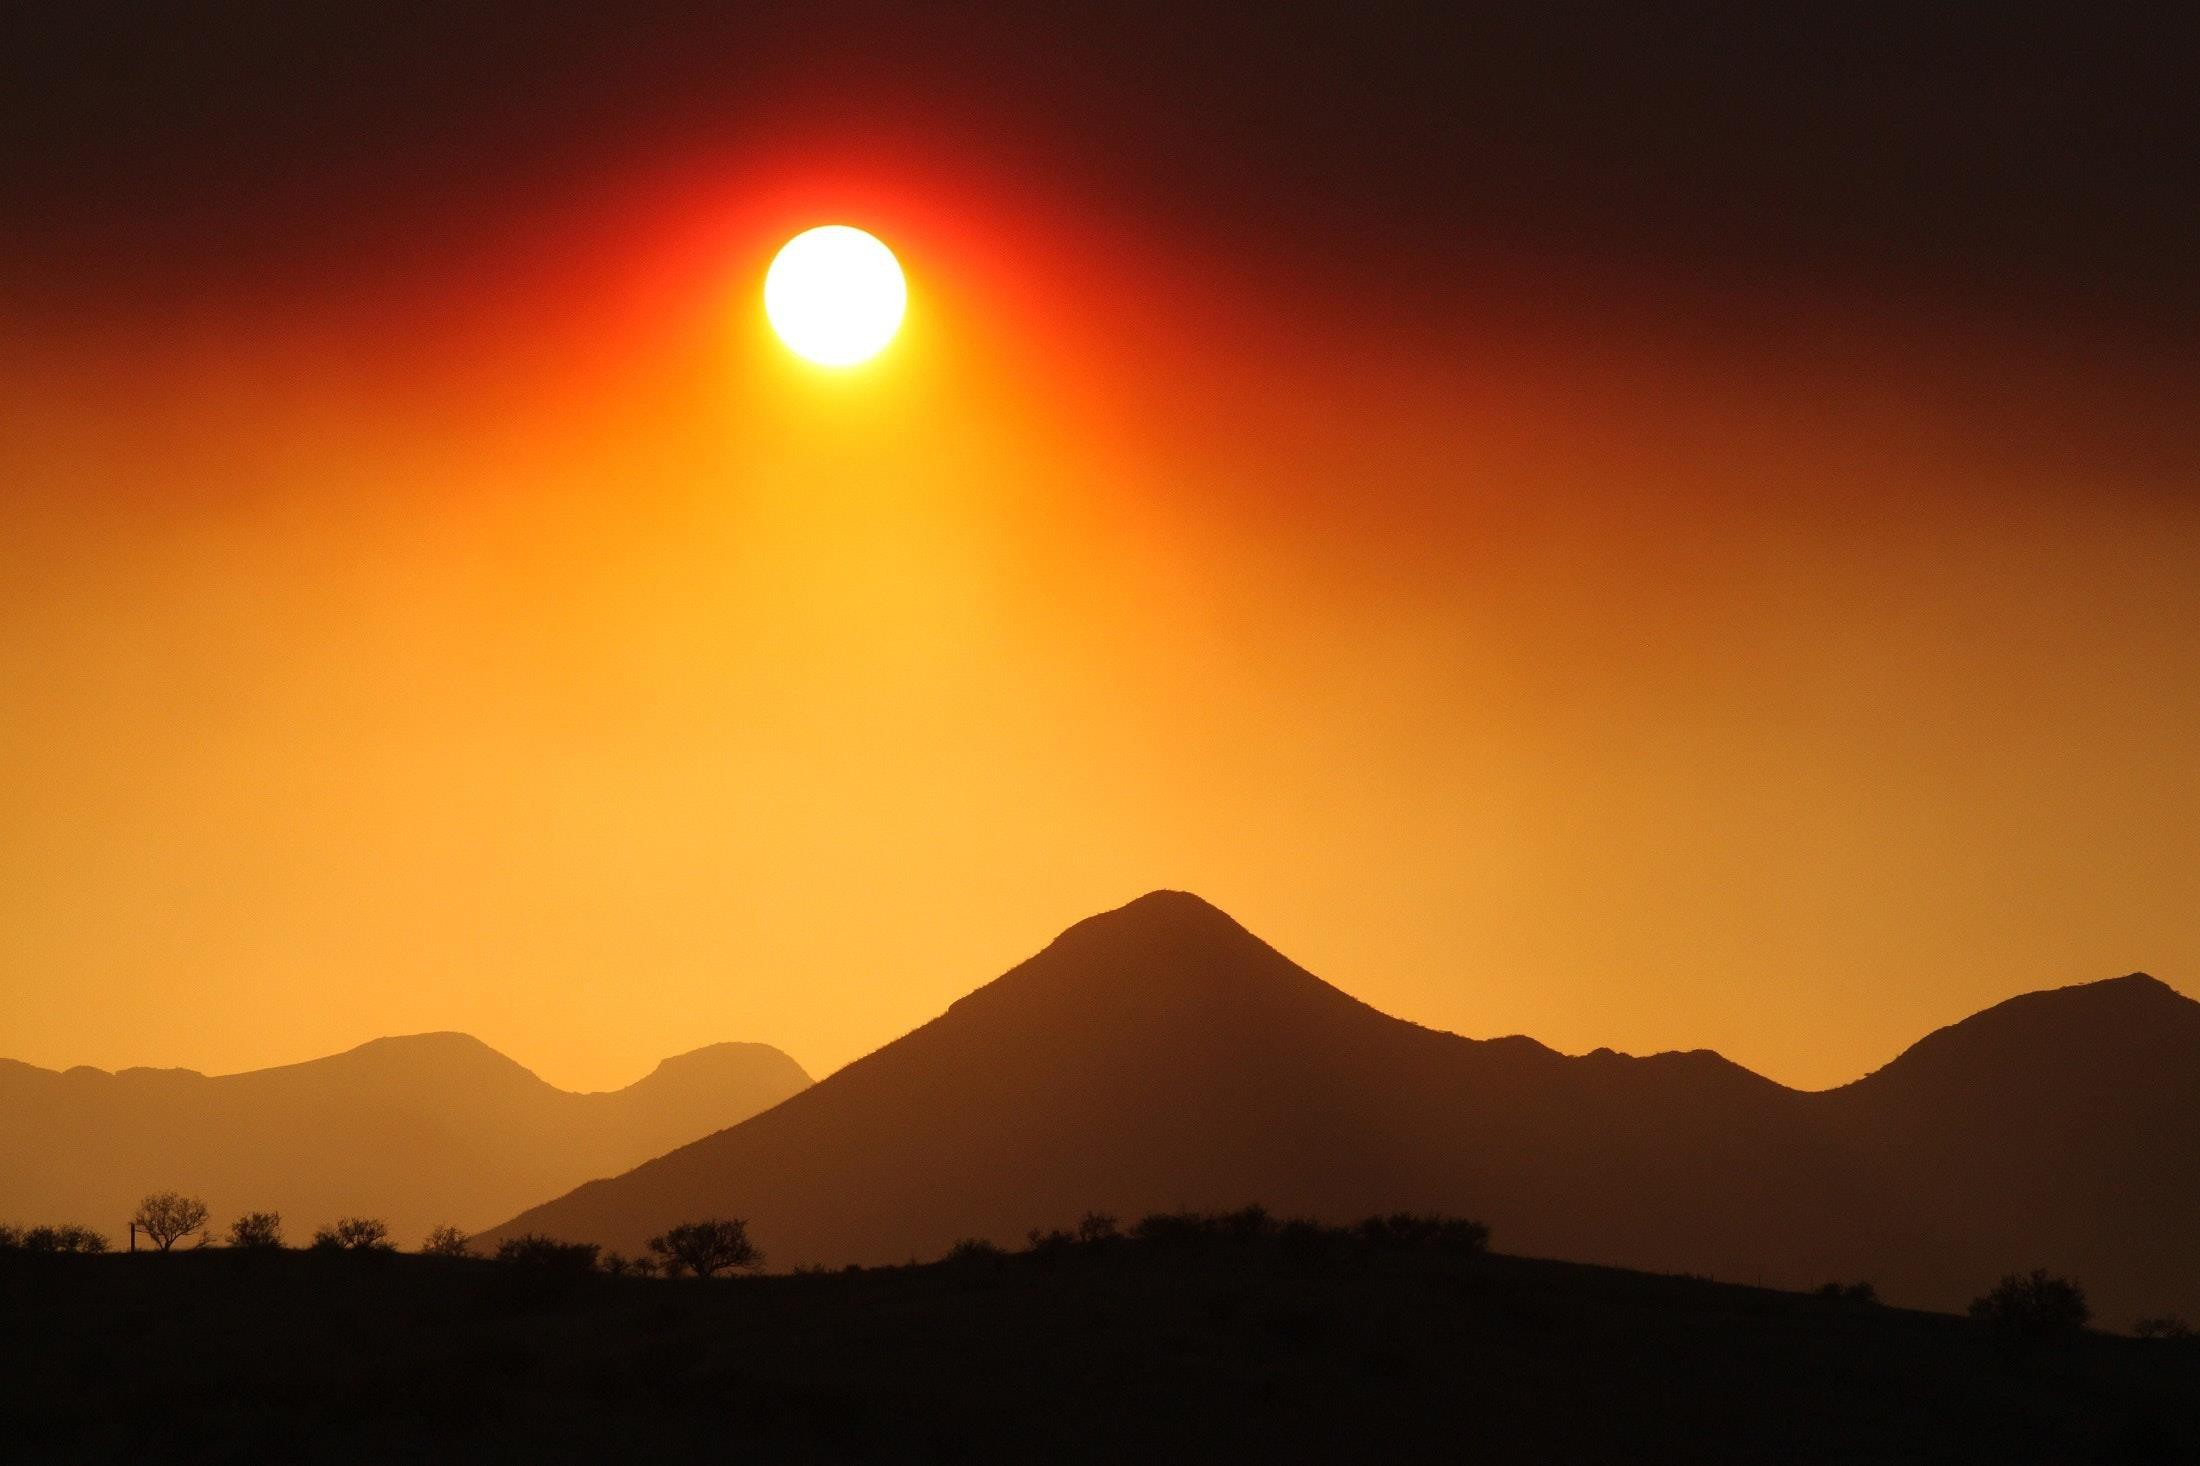 Hình ảnh bình minh cực kỳ đẹp trên rặng núi xa